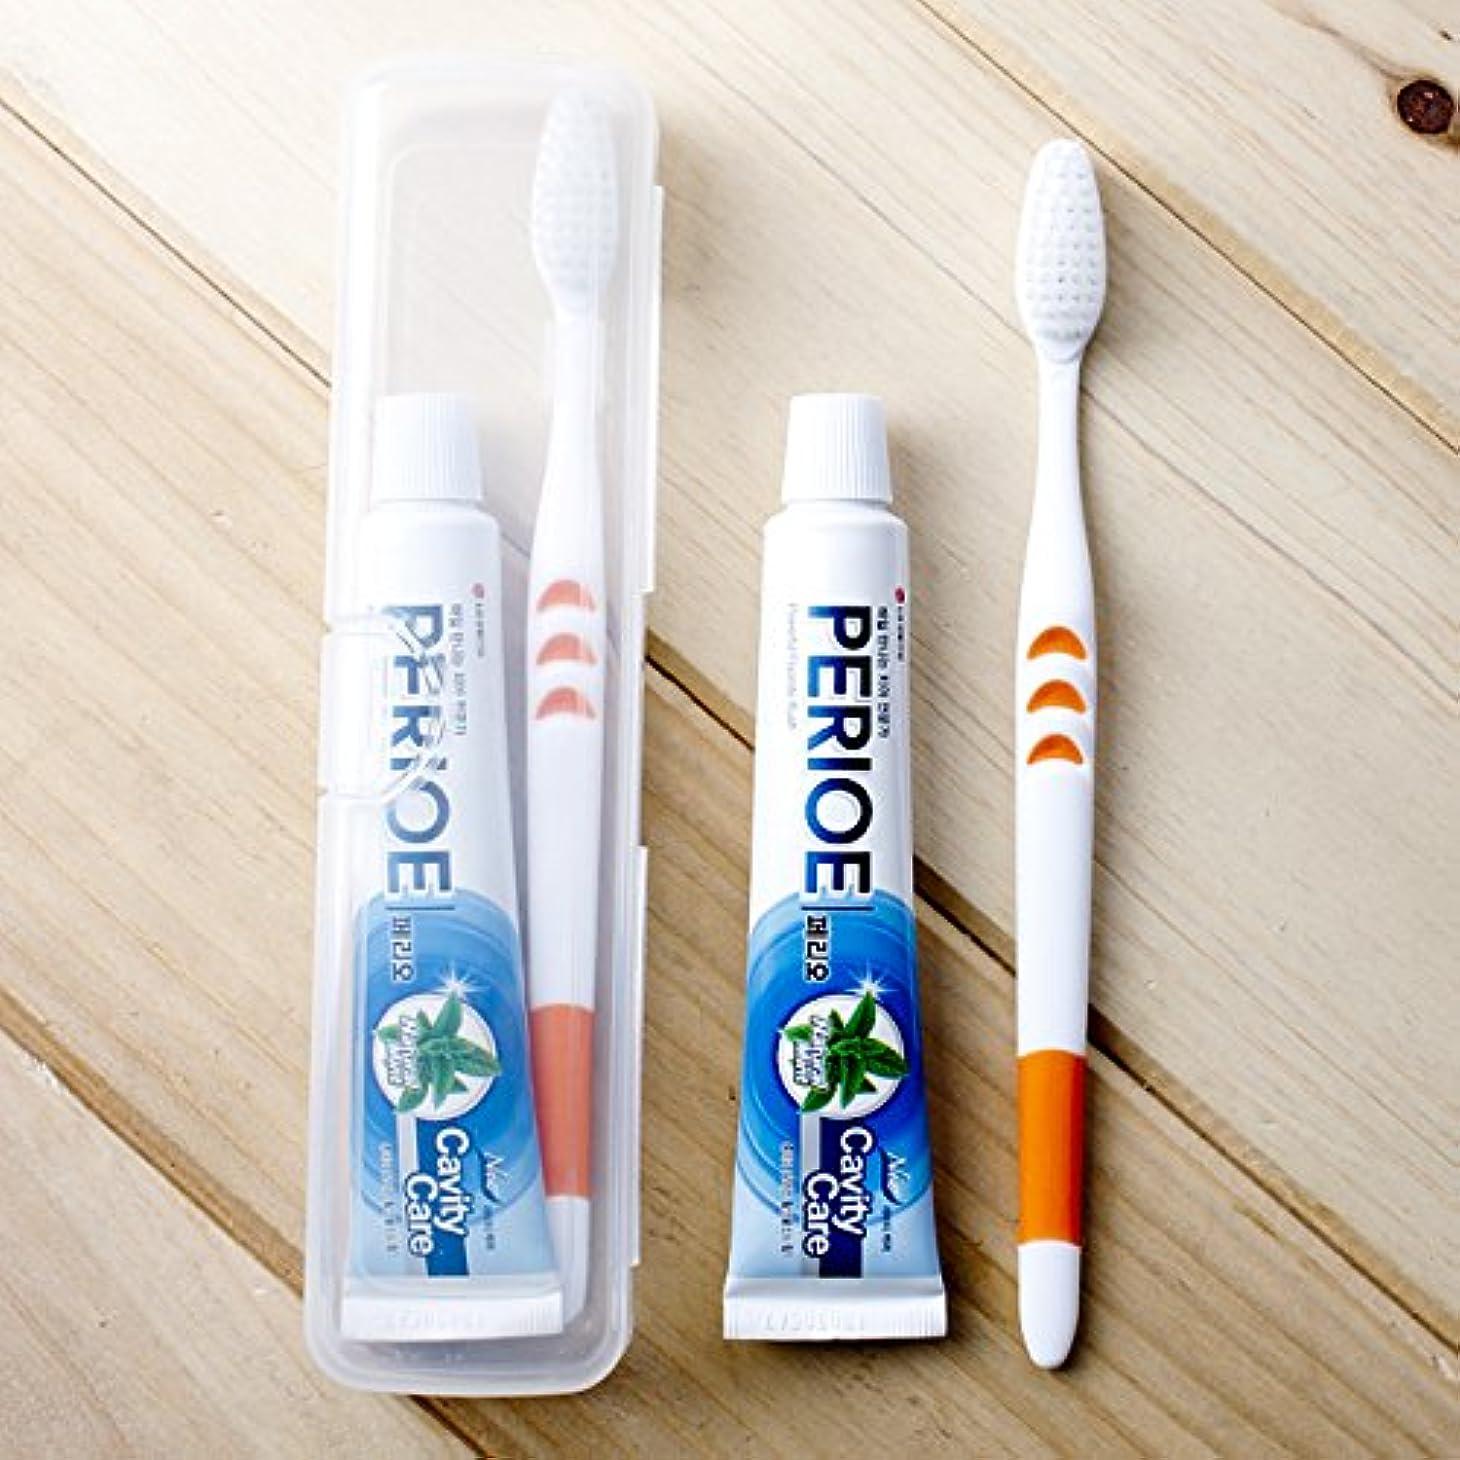 川住人昇るVBMDoM 旅行歯ブラシキットセット x 2個 韓国製品 [並行輸入品]